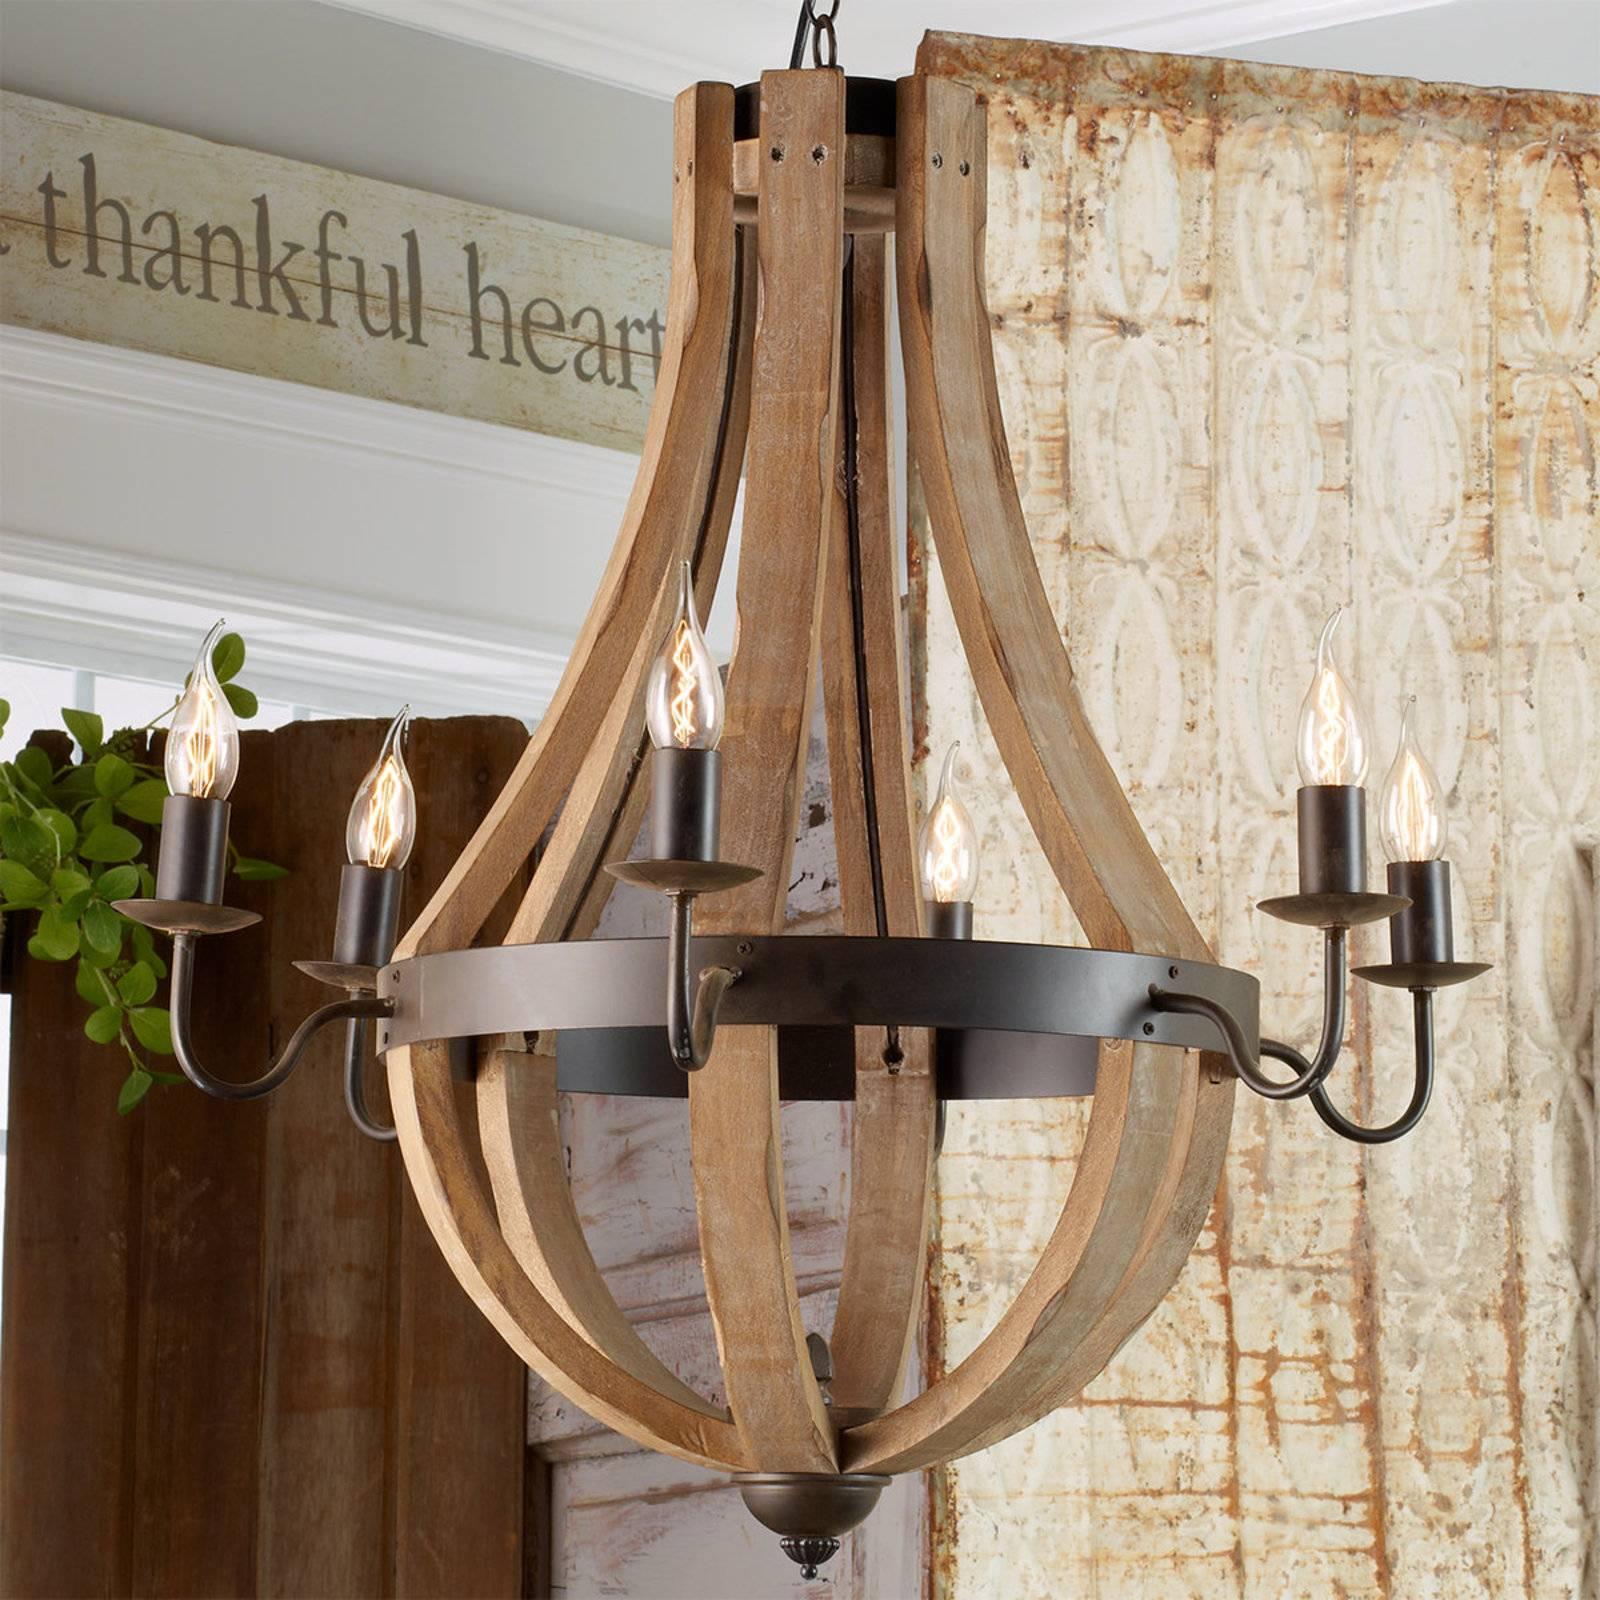 wooden wine barrel stave chandelier